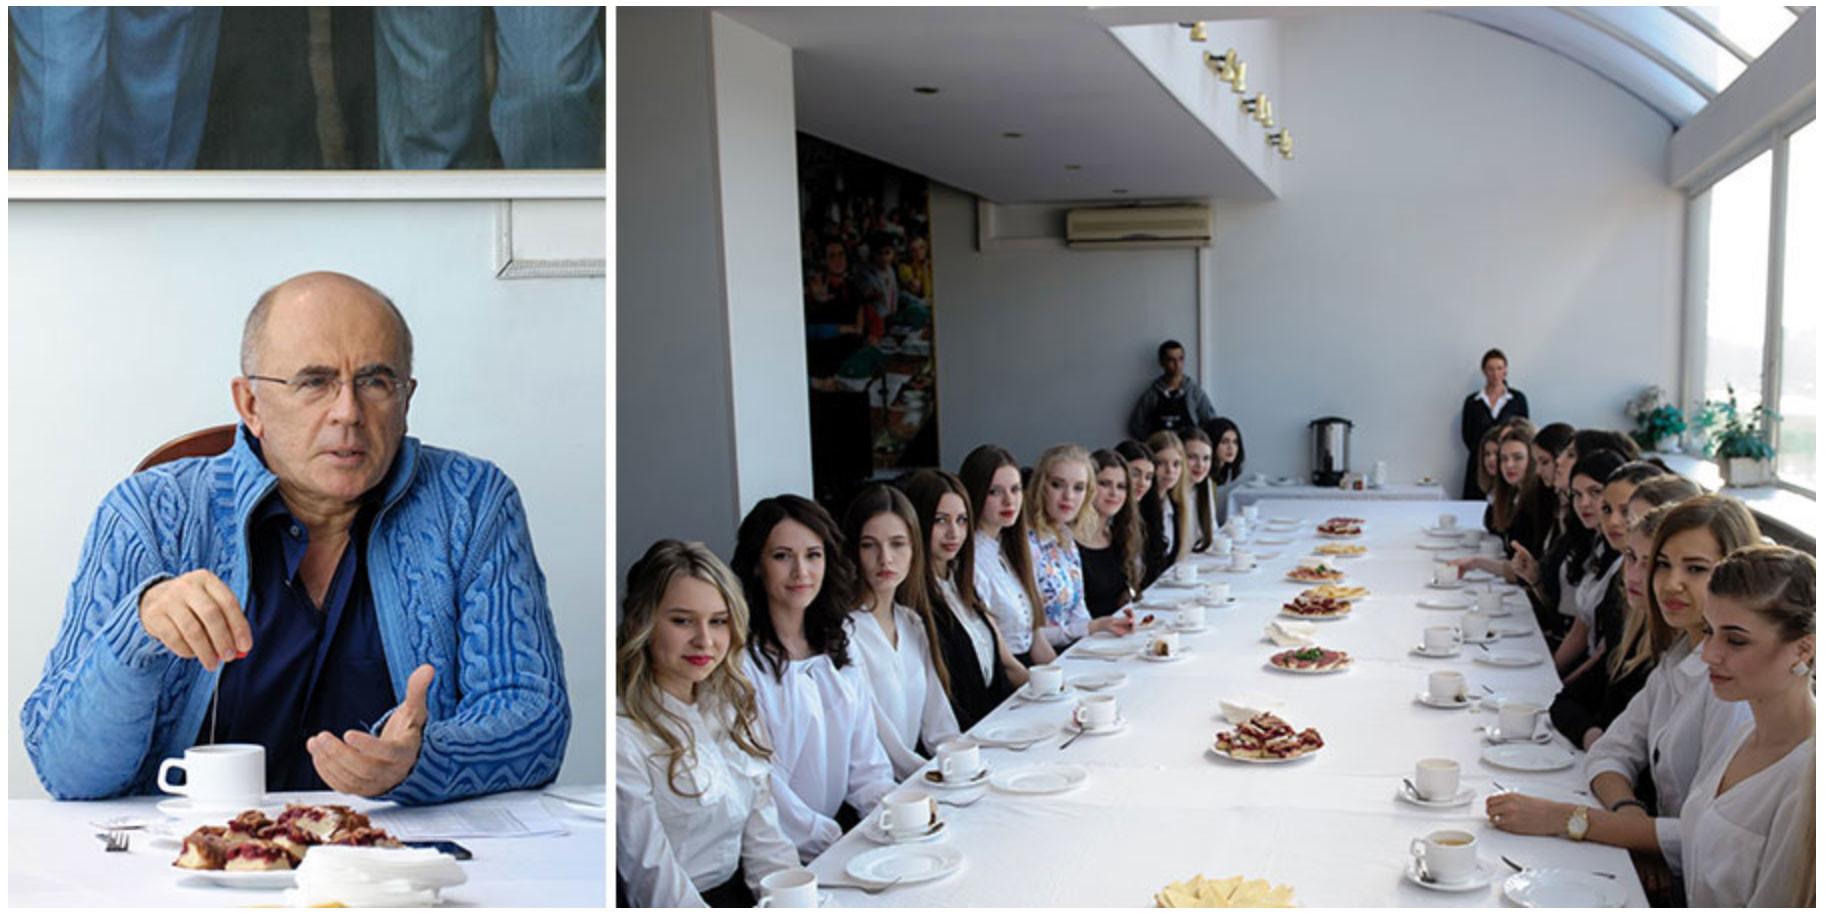 Запесоцкий и его студентки. Фото © Санкт-Петербургский гуманитарный университет профсоюзов